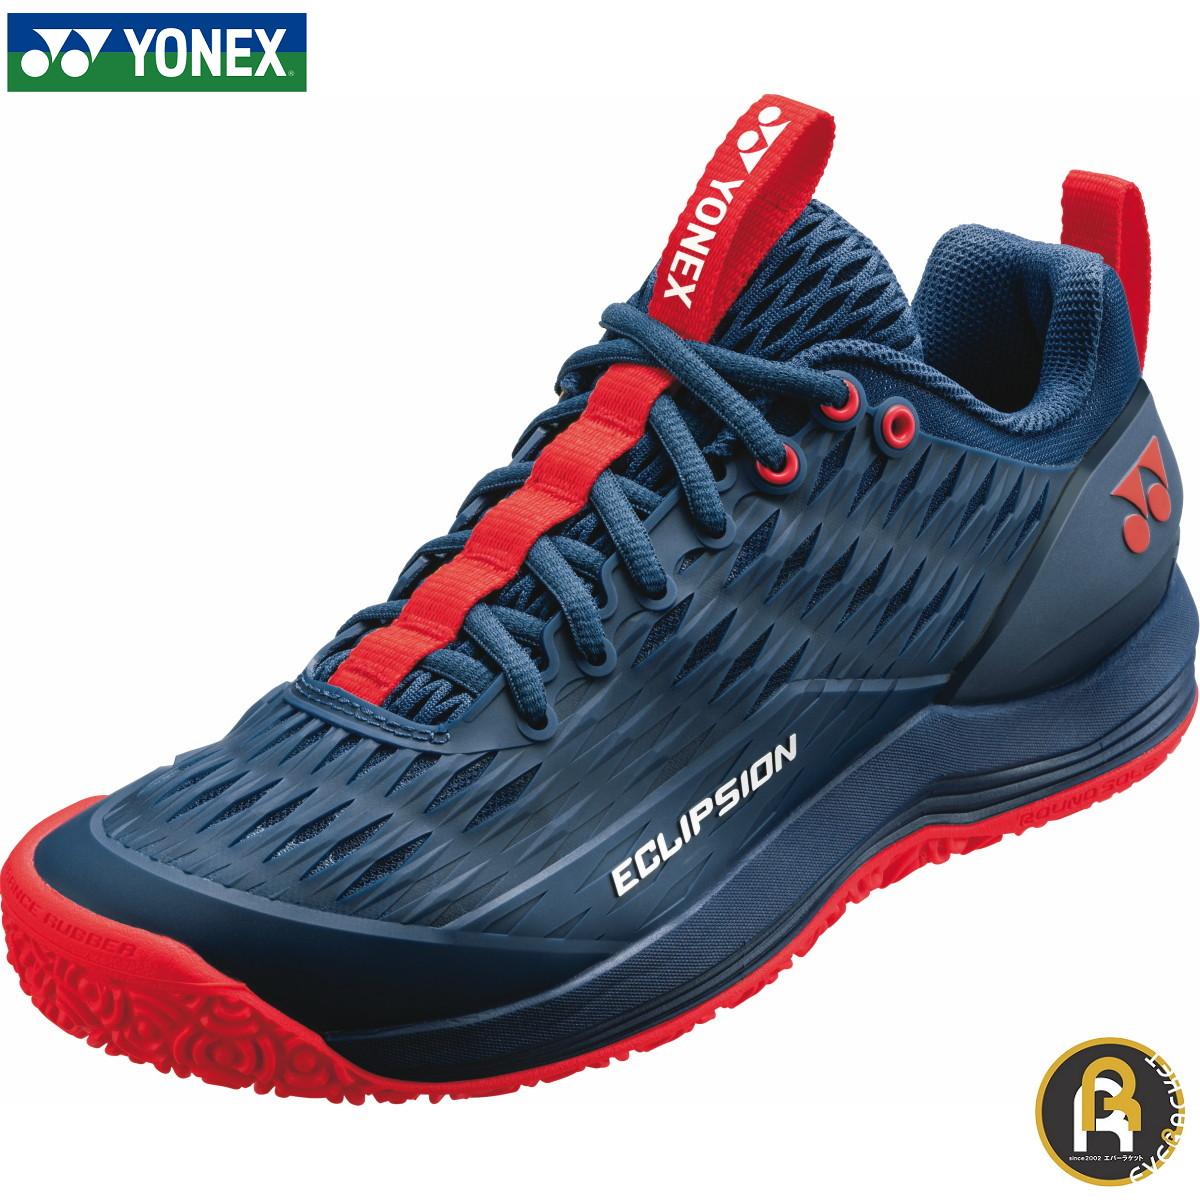 ヨネックス YONEX テニスシューズ パワークッションエクリプション3MGC SHTE3MGC ソフトテニス